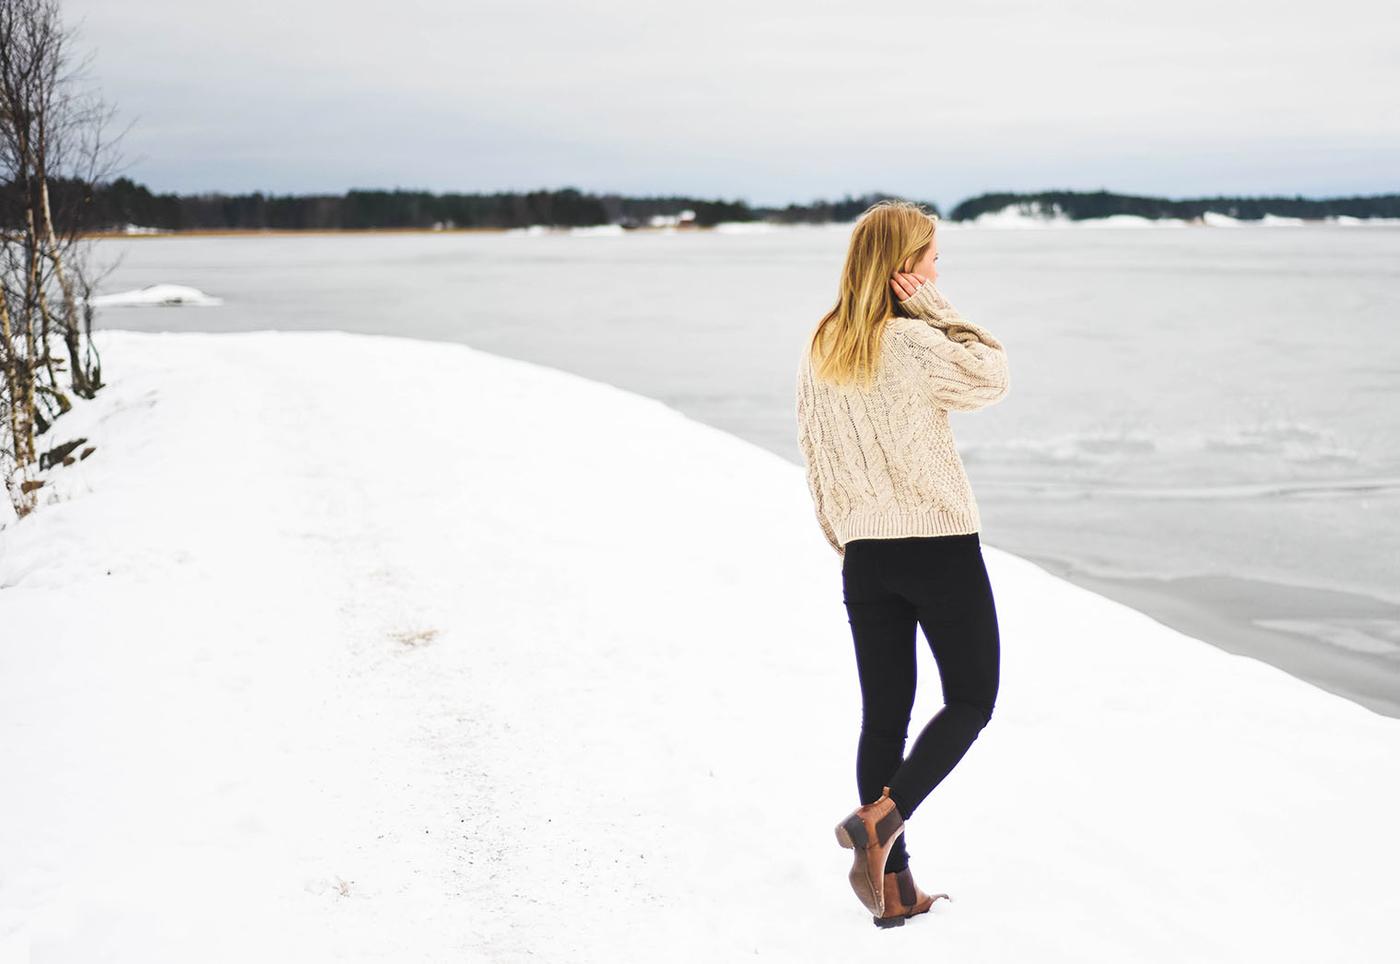 finland-espoo-winter-sundayblondie-13.jpg